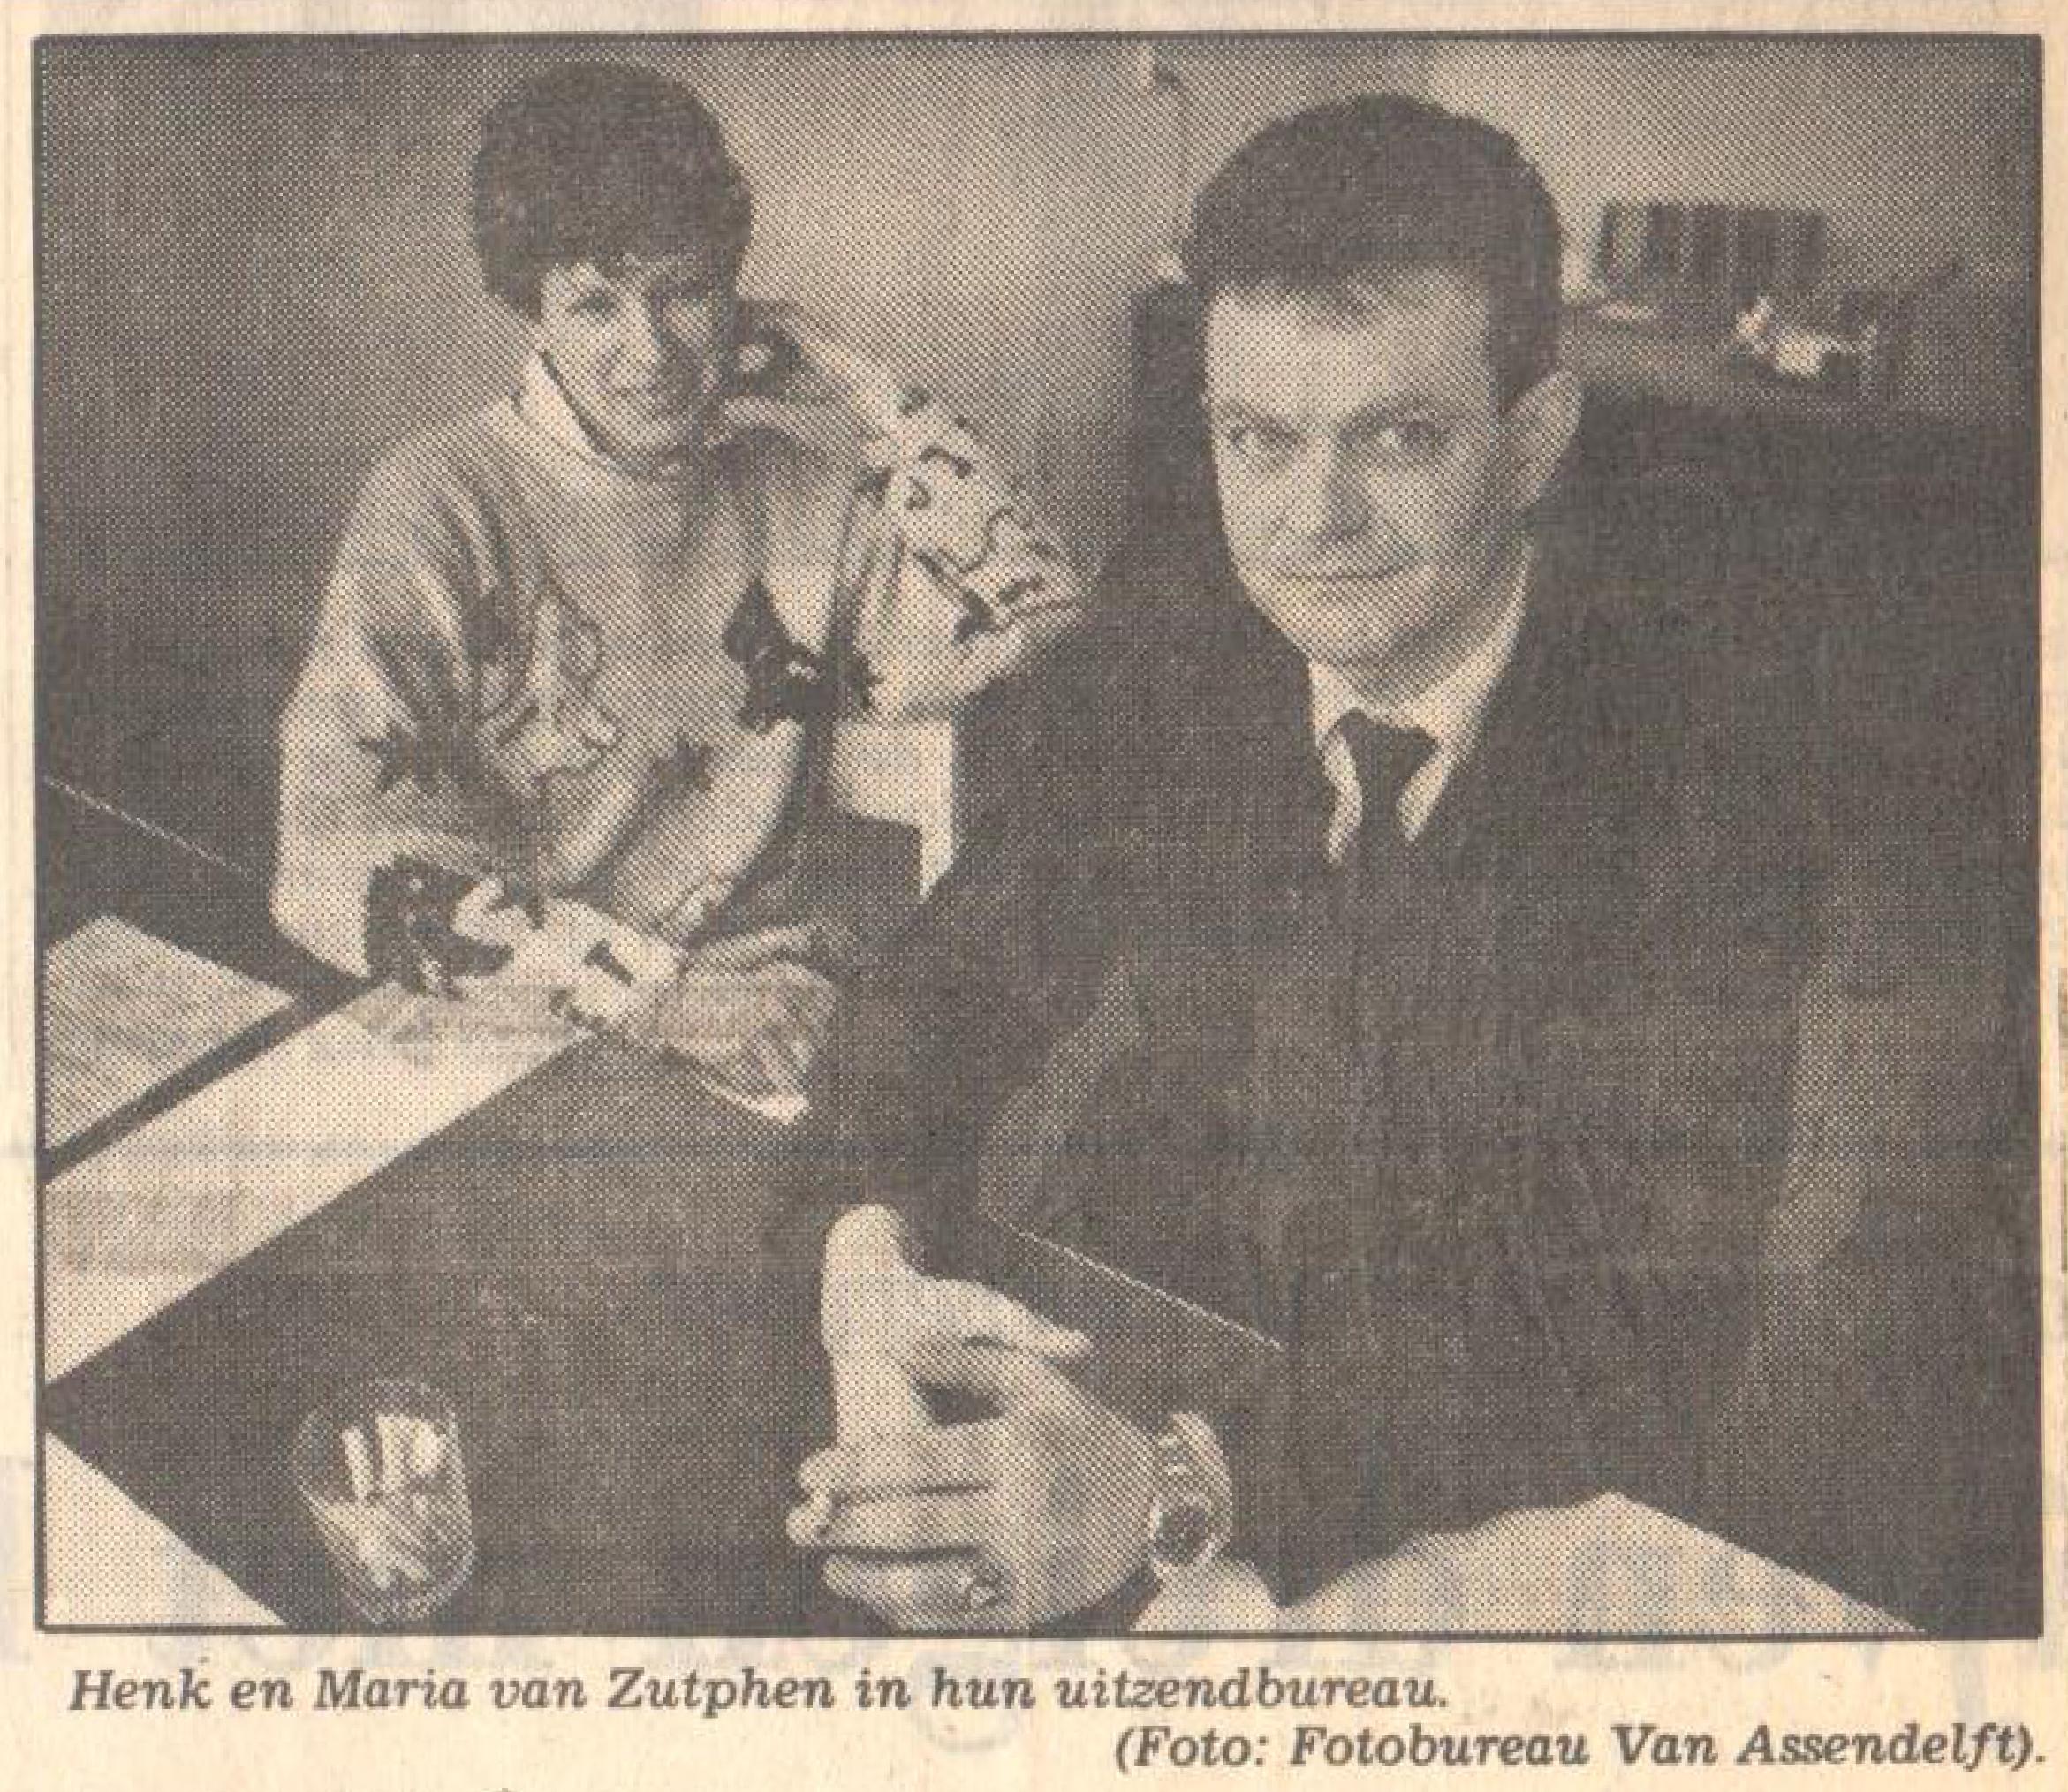 Henk van Zutphen en Maria van Zutphen oprichting Activus